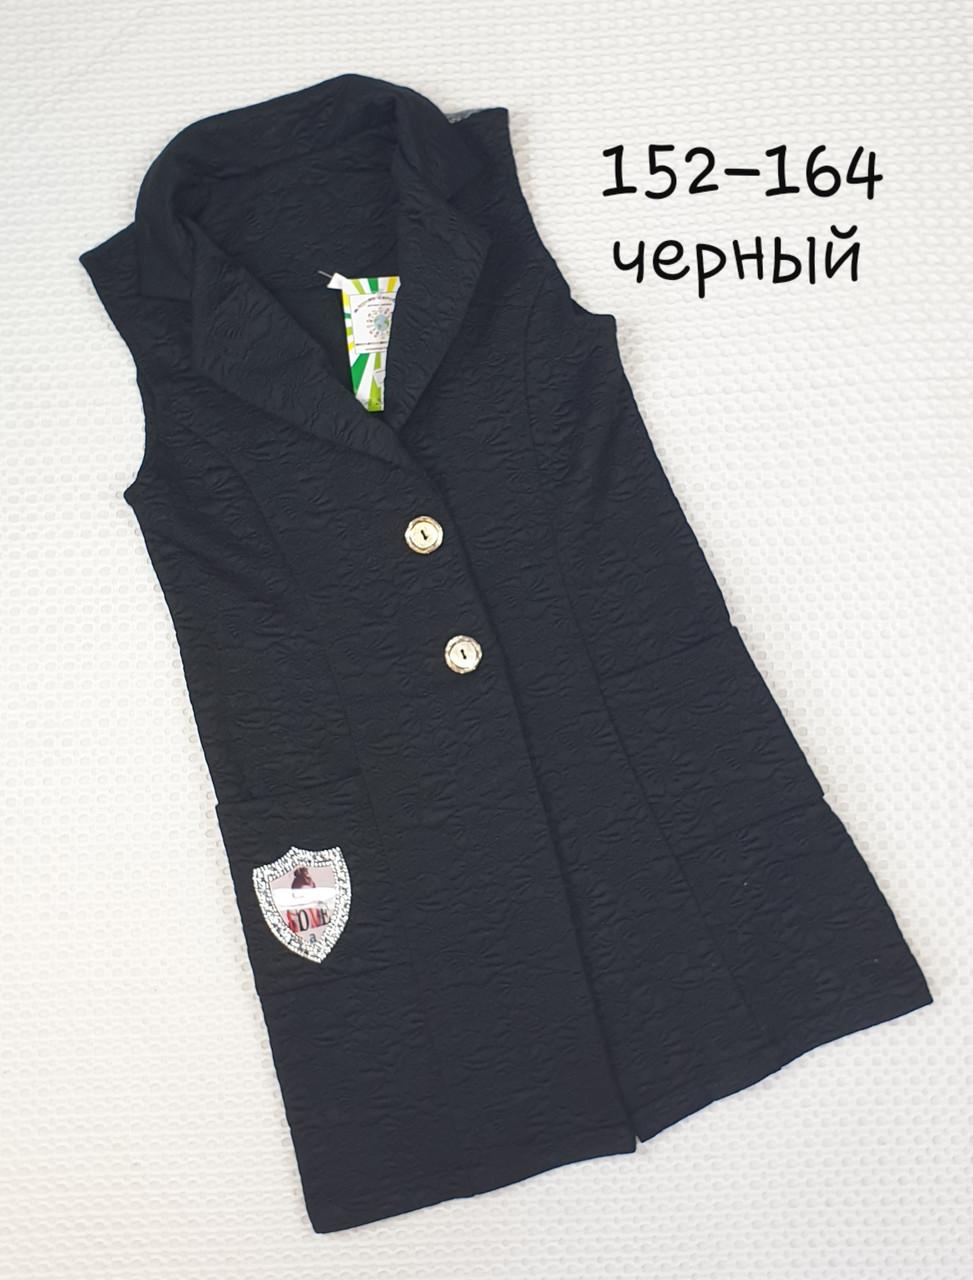 Стильный Кардиган для девочки 152-164 ЧЕРНЫЙ